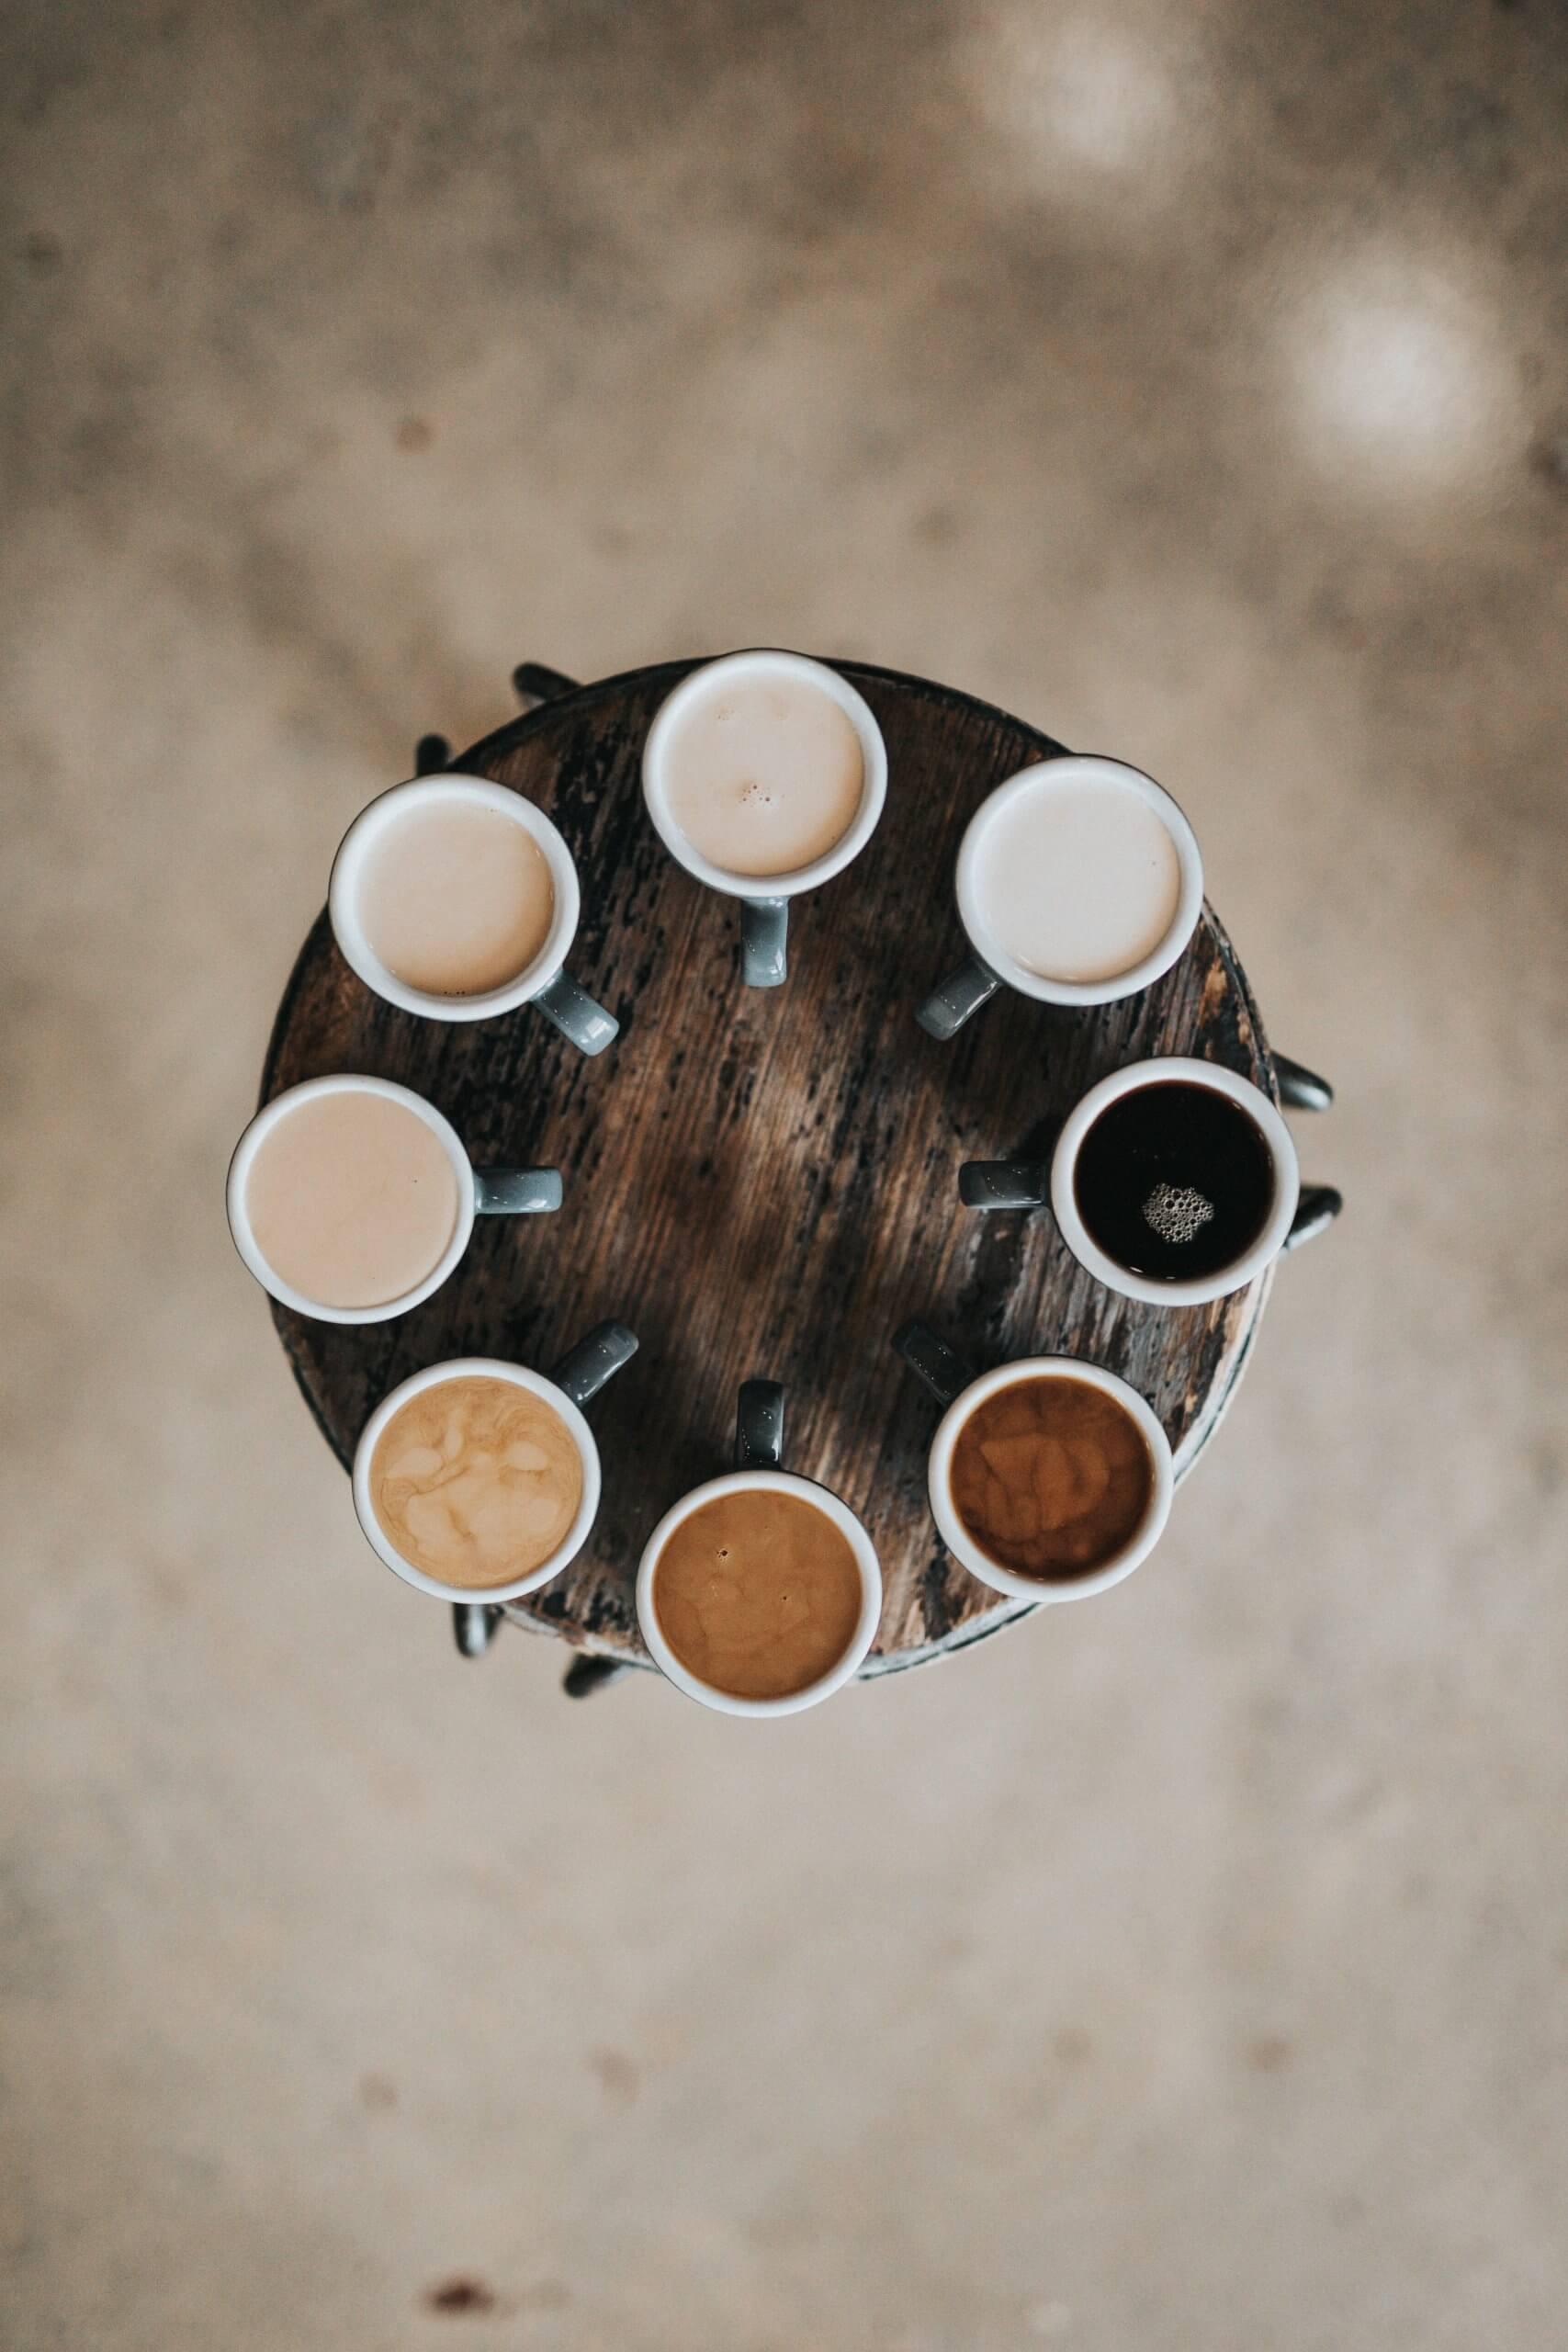 סוגי קפה